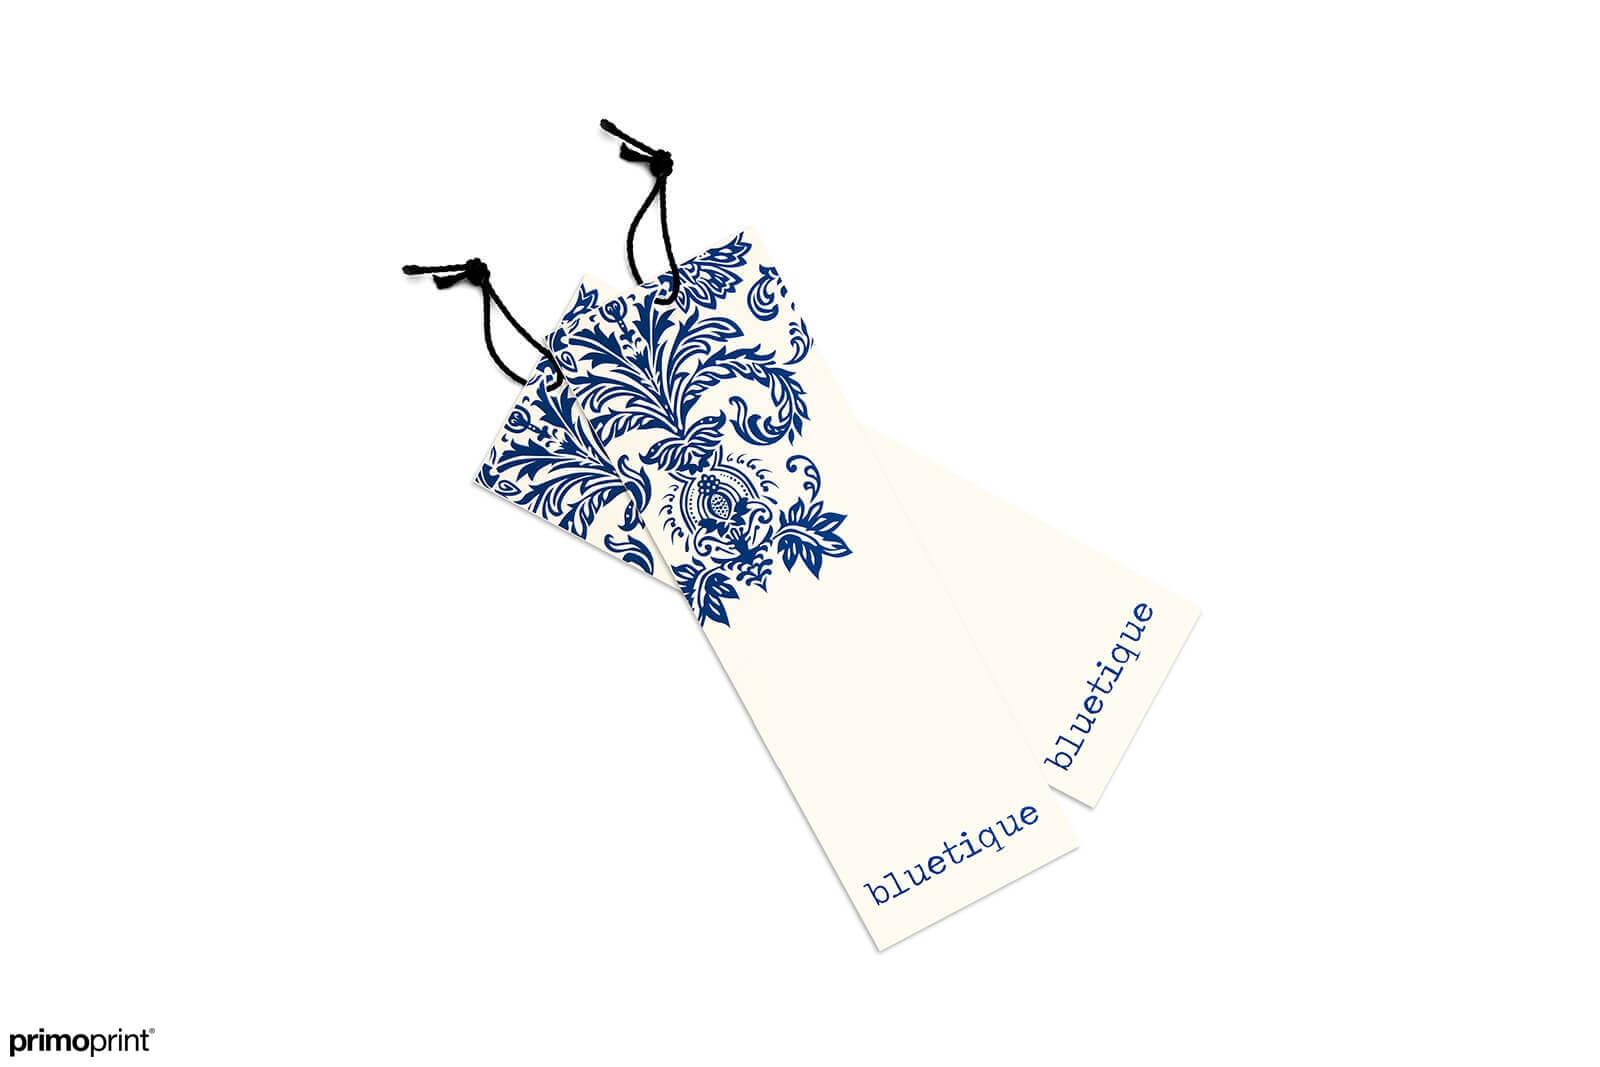 16PT Matte 2x6 hang tag. Hang tag designed by Primoprint.